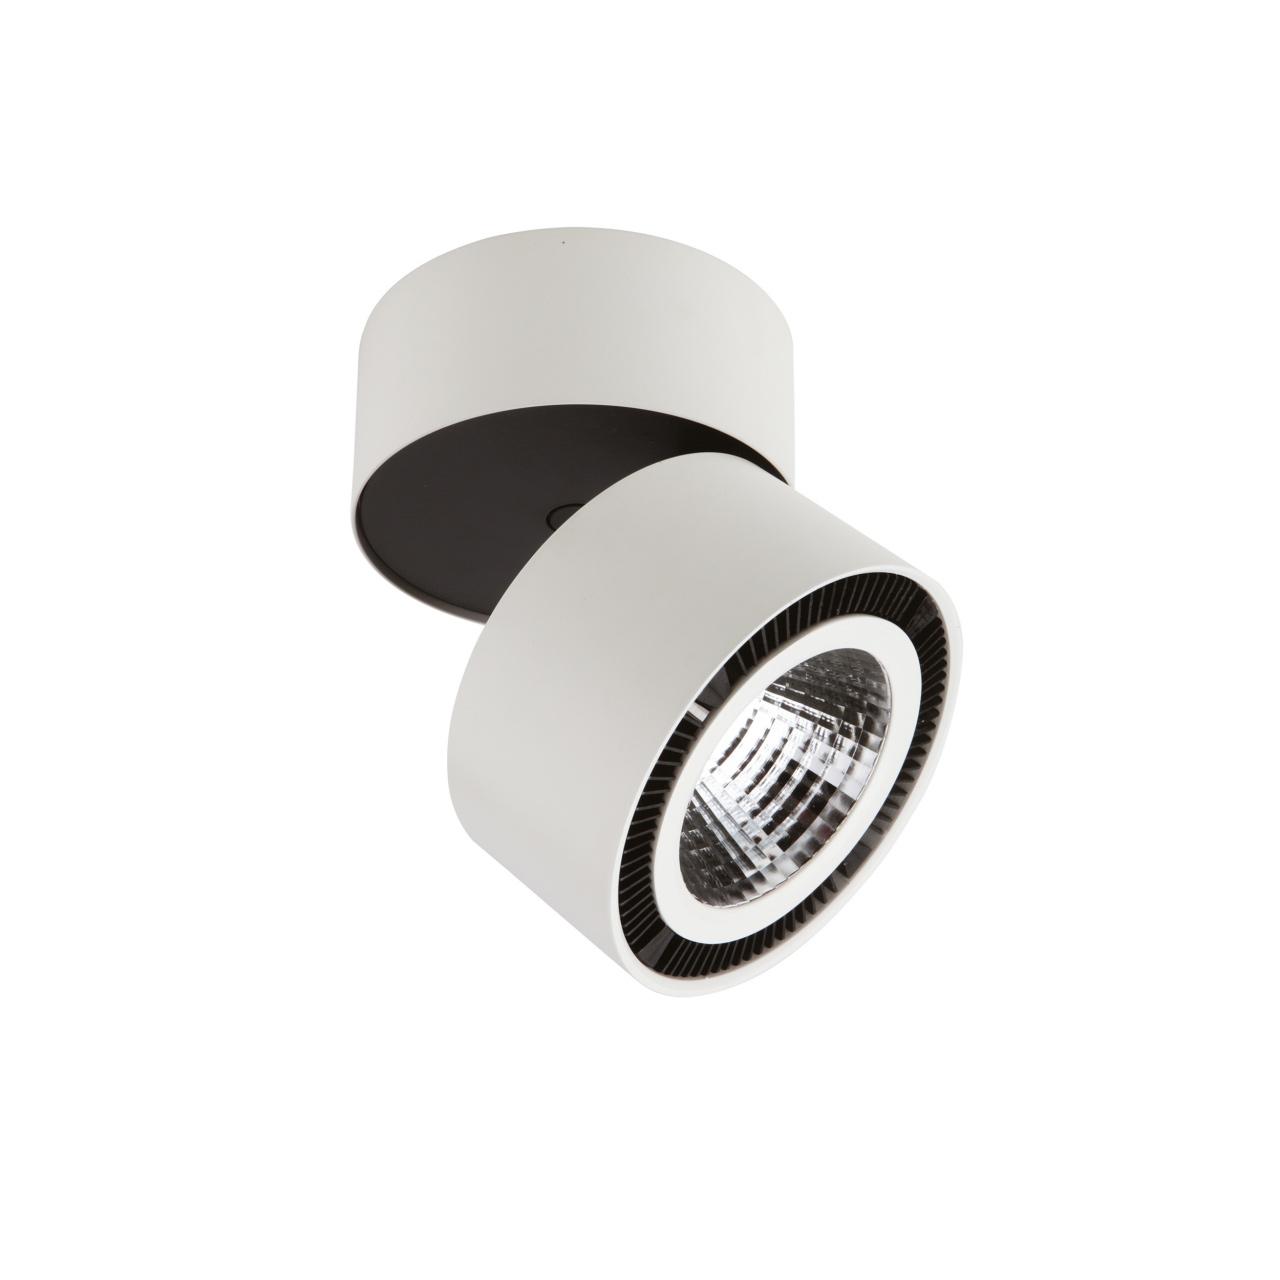 Светильник Forte Muro LED 40W 3400LM 30G белый 4000K Lightstar 214850